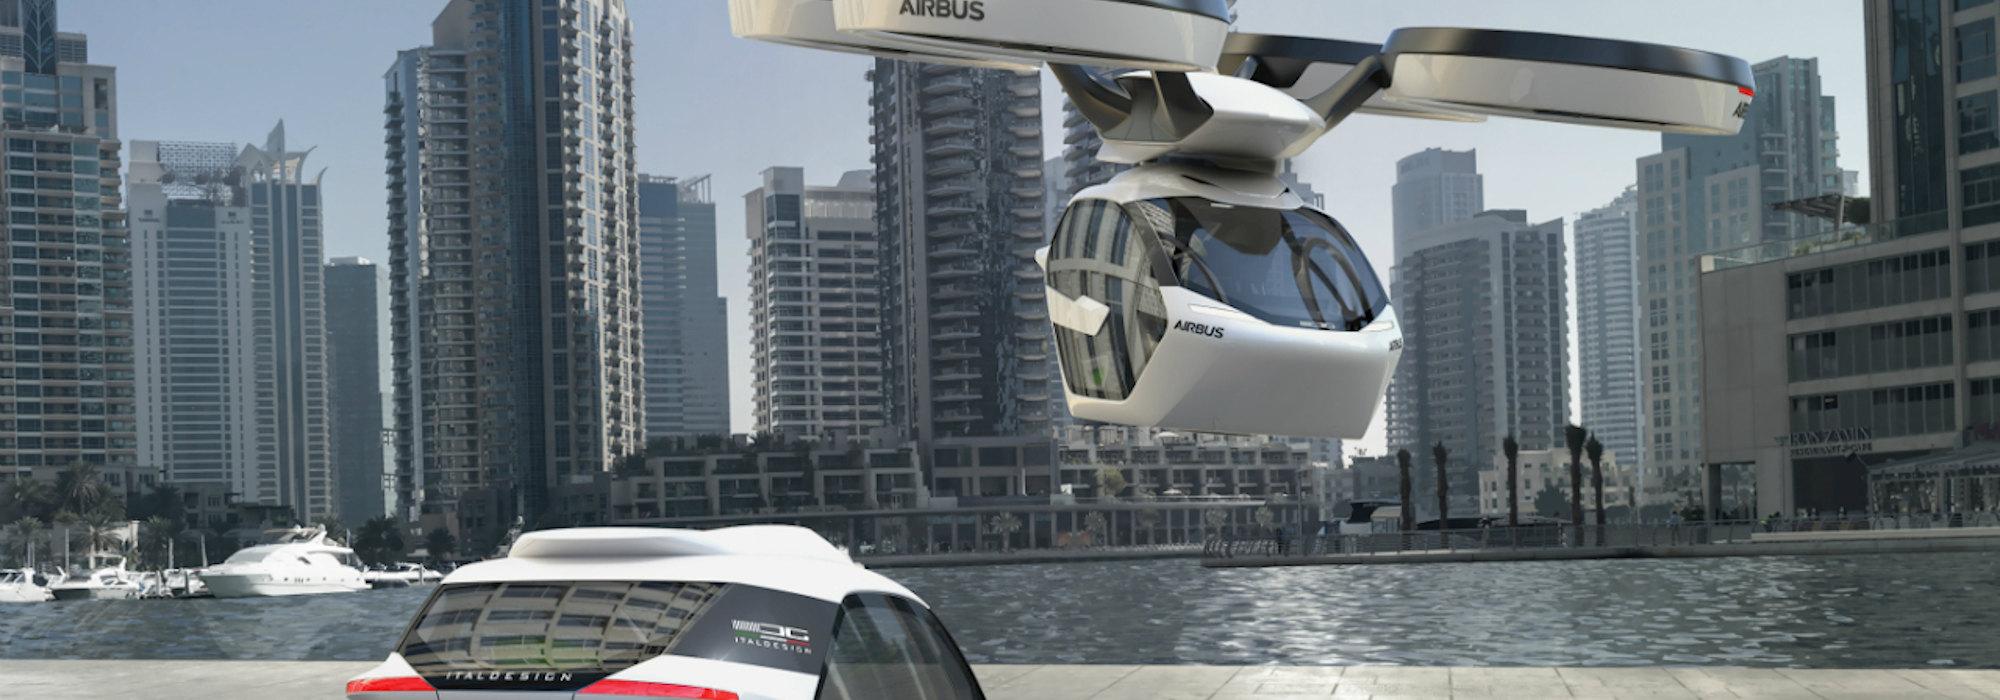 Tek Çare Uzay | Sürücüsüz arabalar ve uçan taksiler (Konuk: Dr Oktay Arslan)